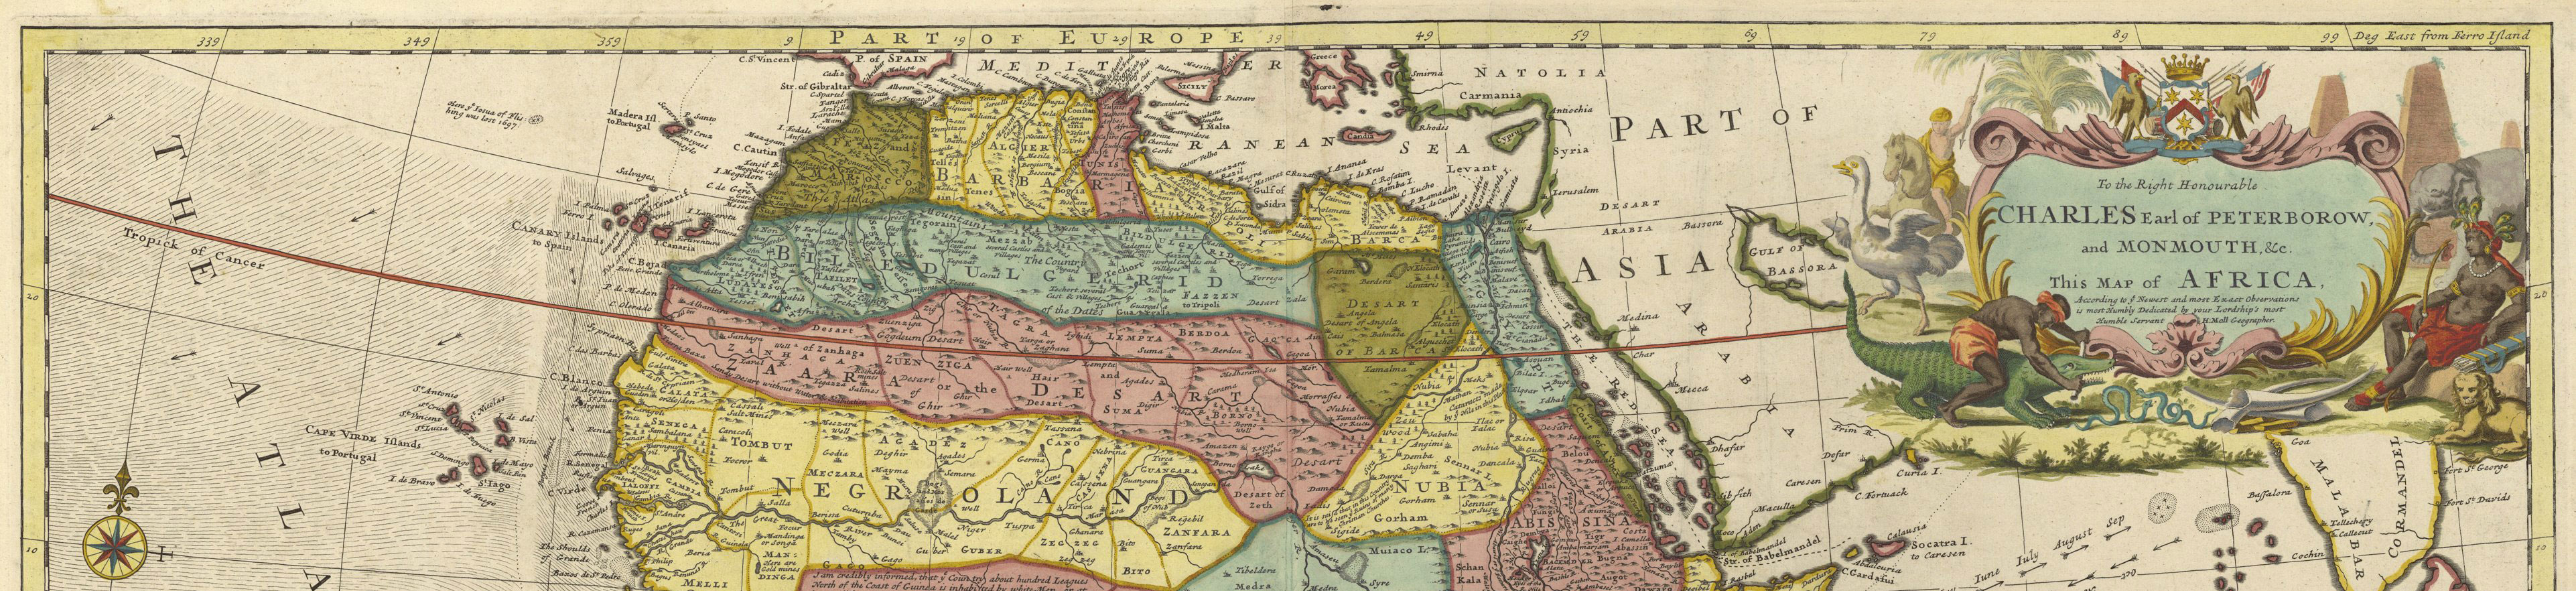 Cartes Geographiques